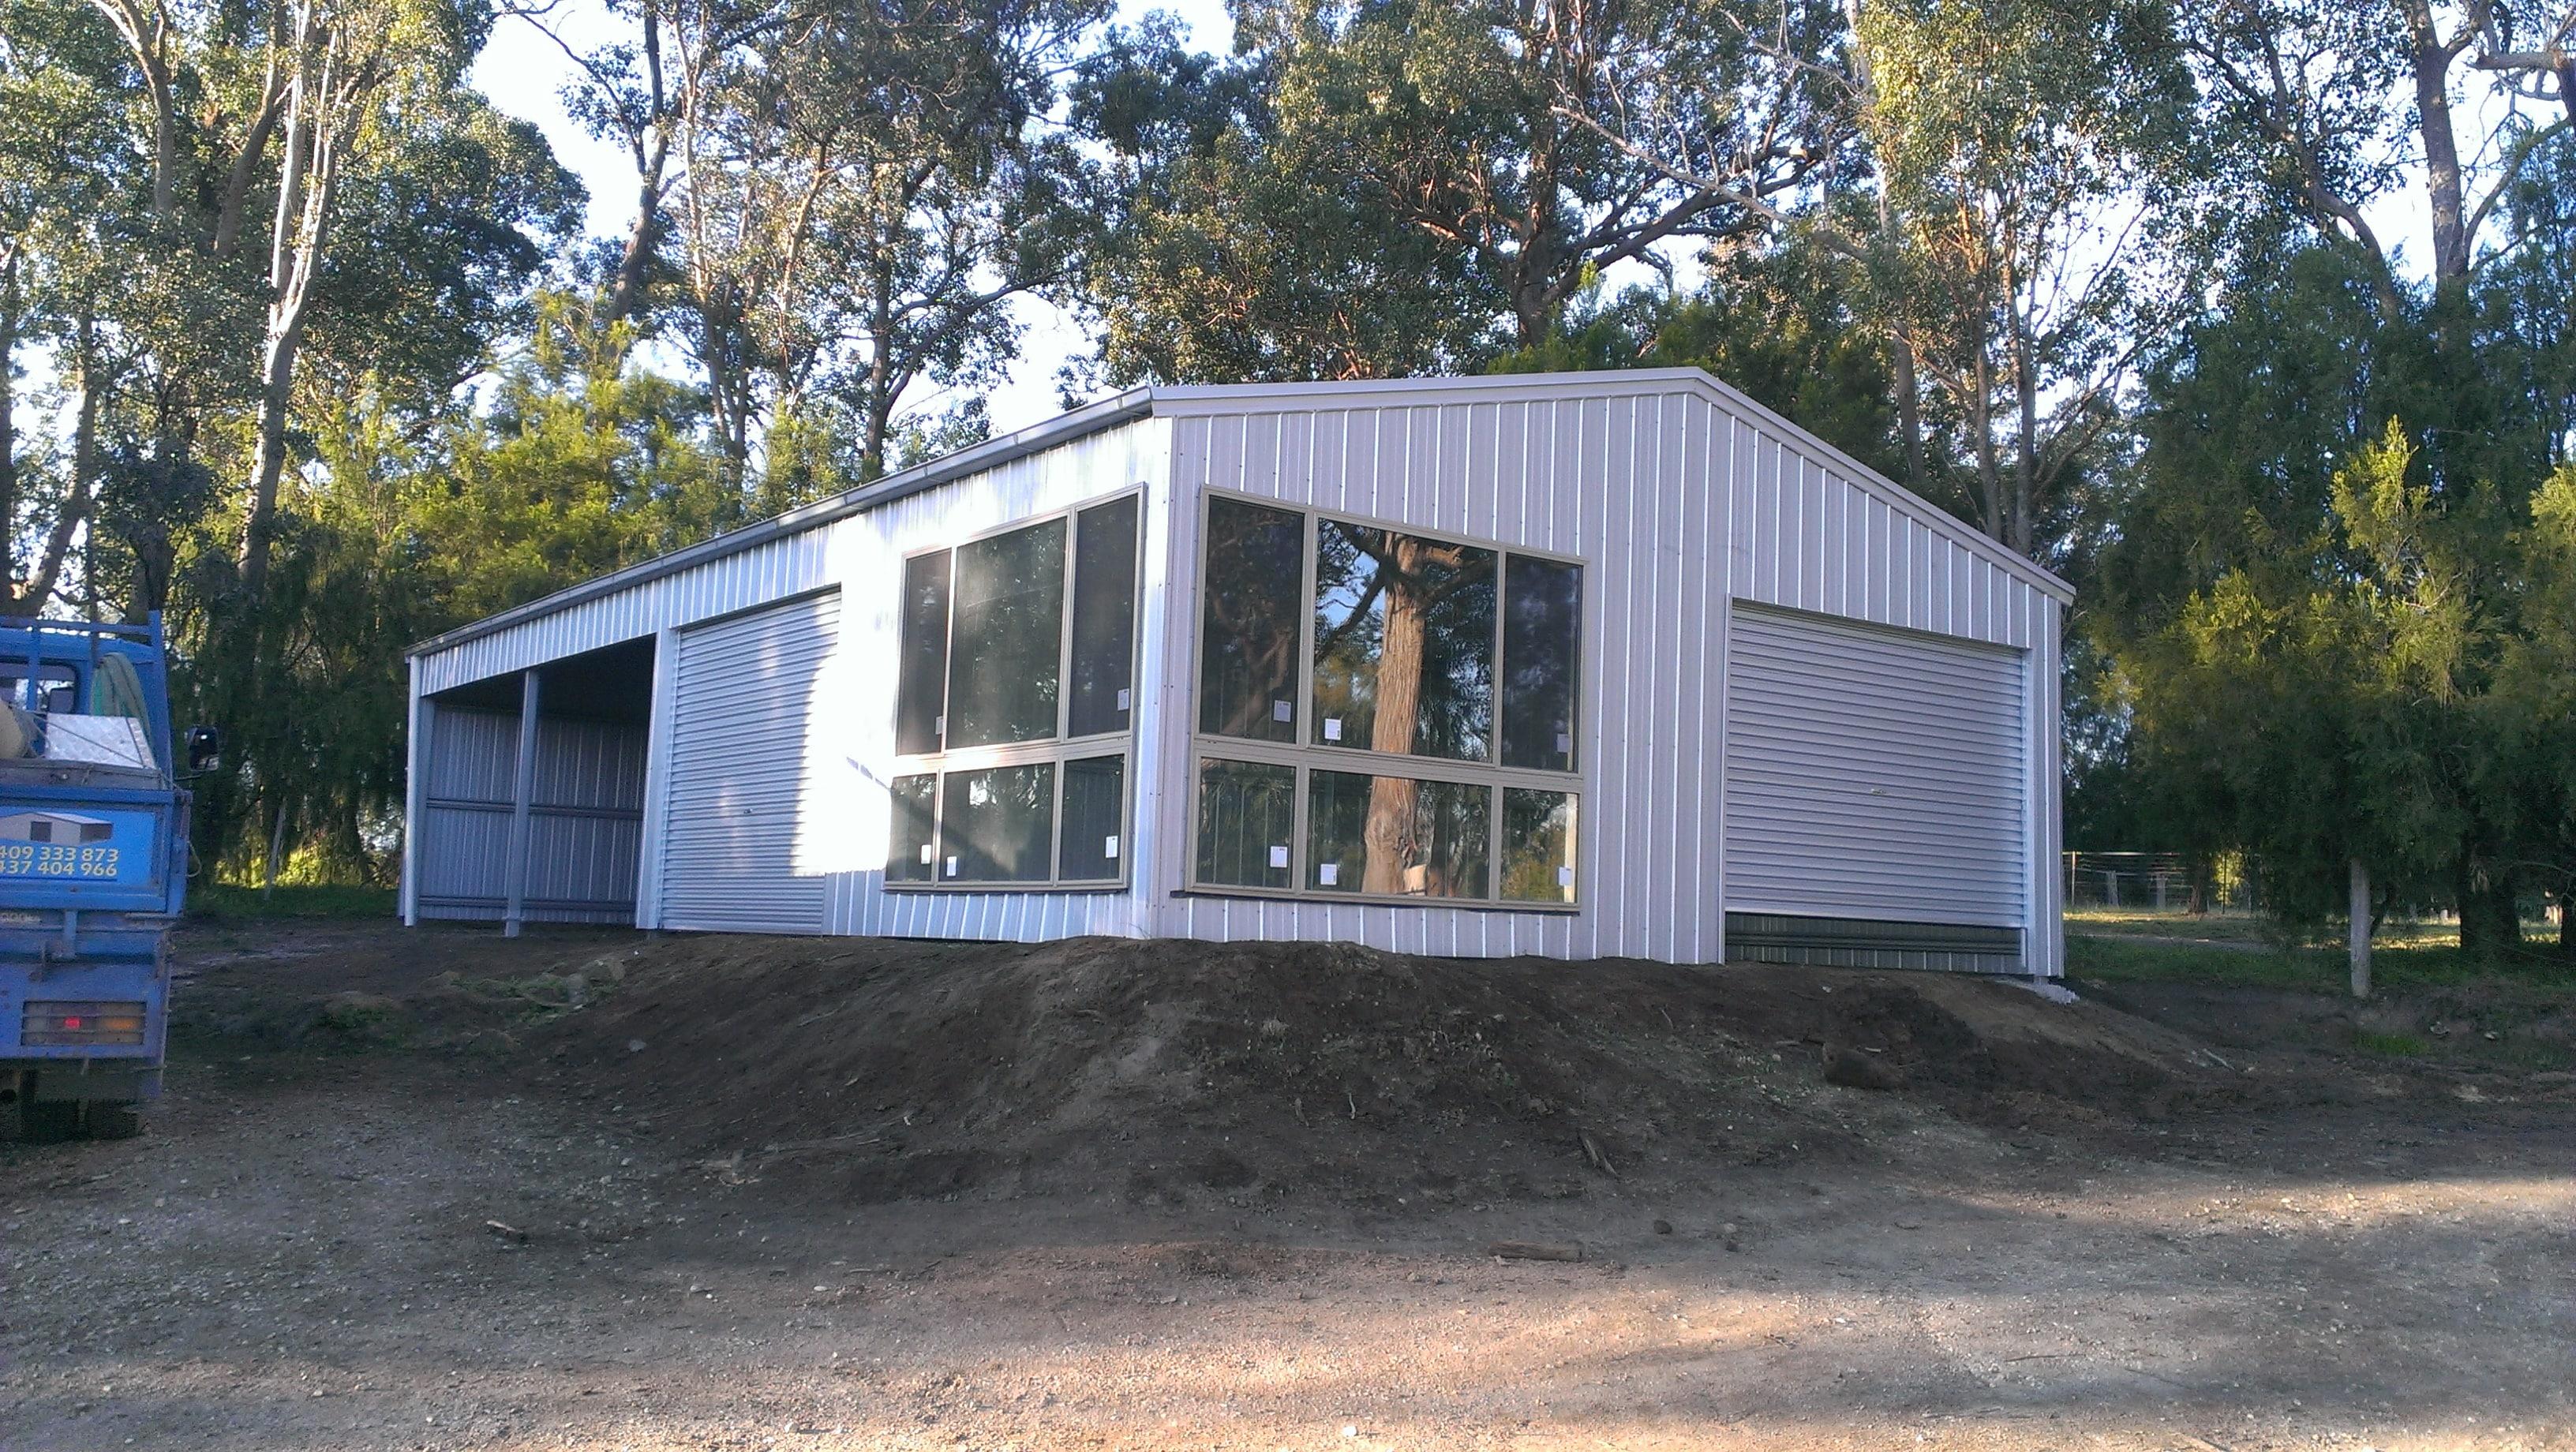 Gippy farm sheds garages rural industrial sheds sale for 6 car garage for sale